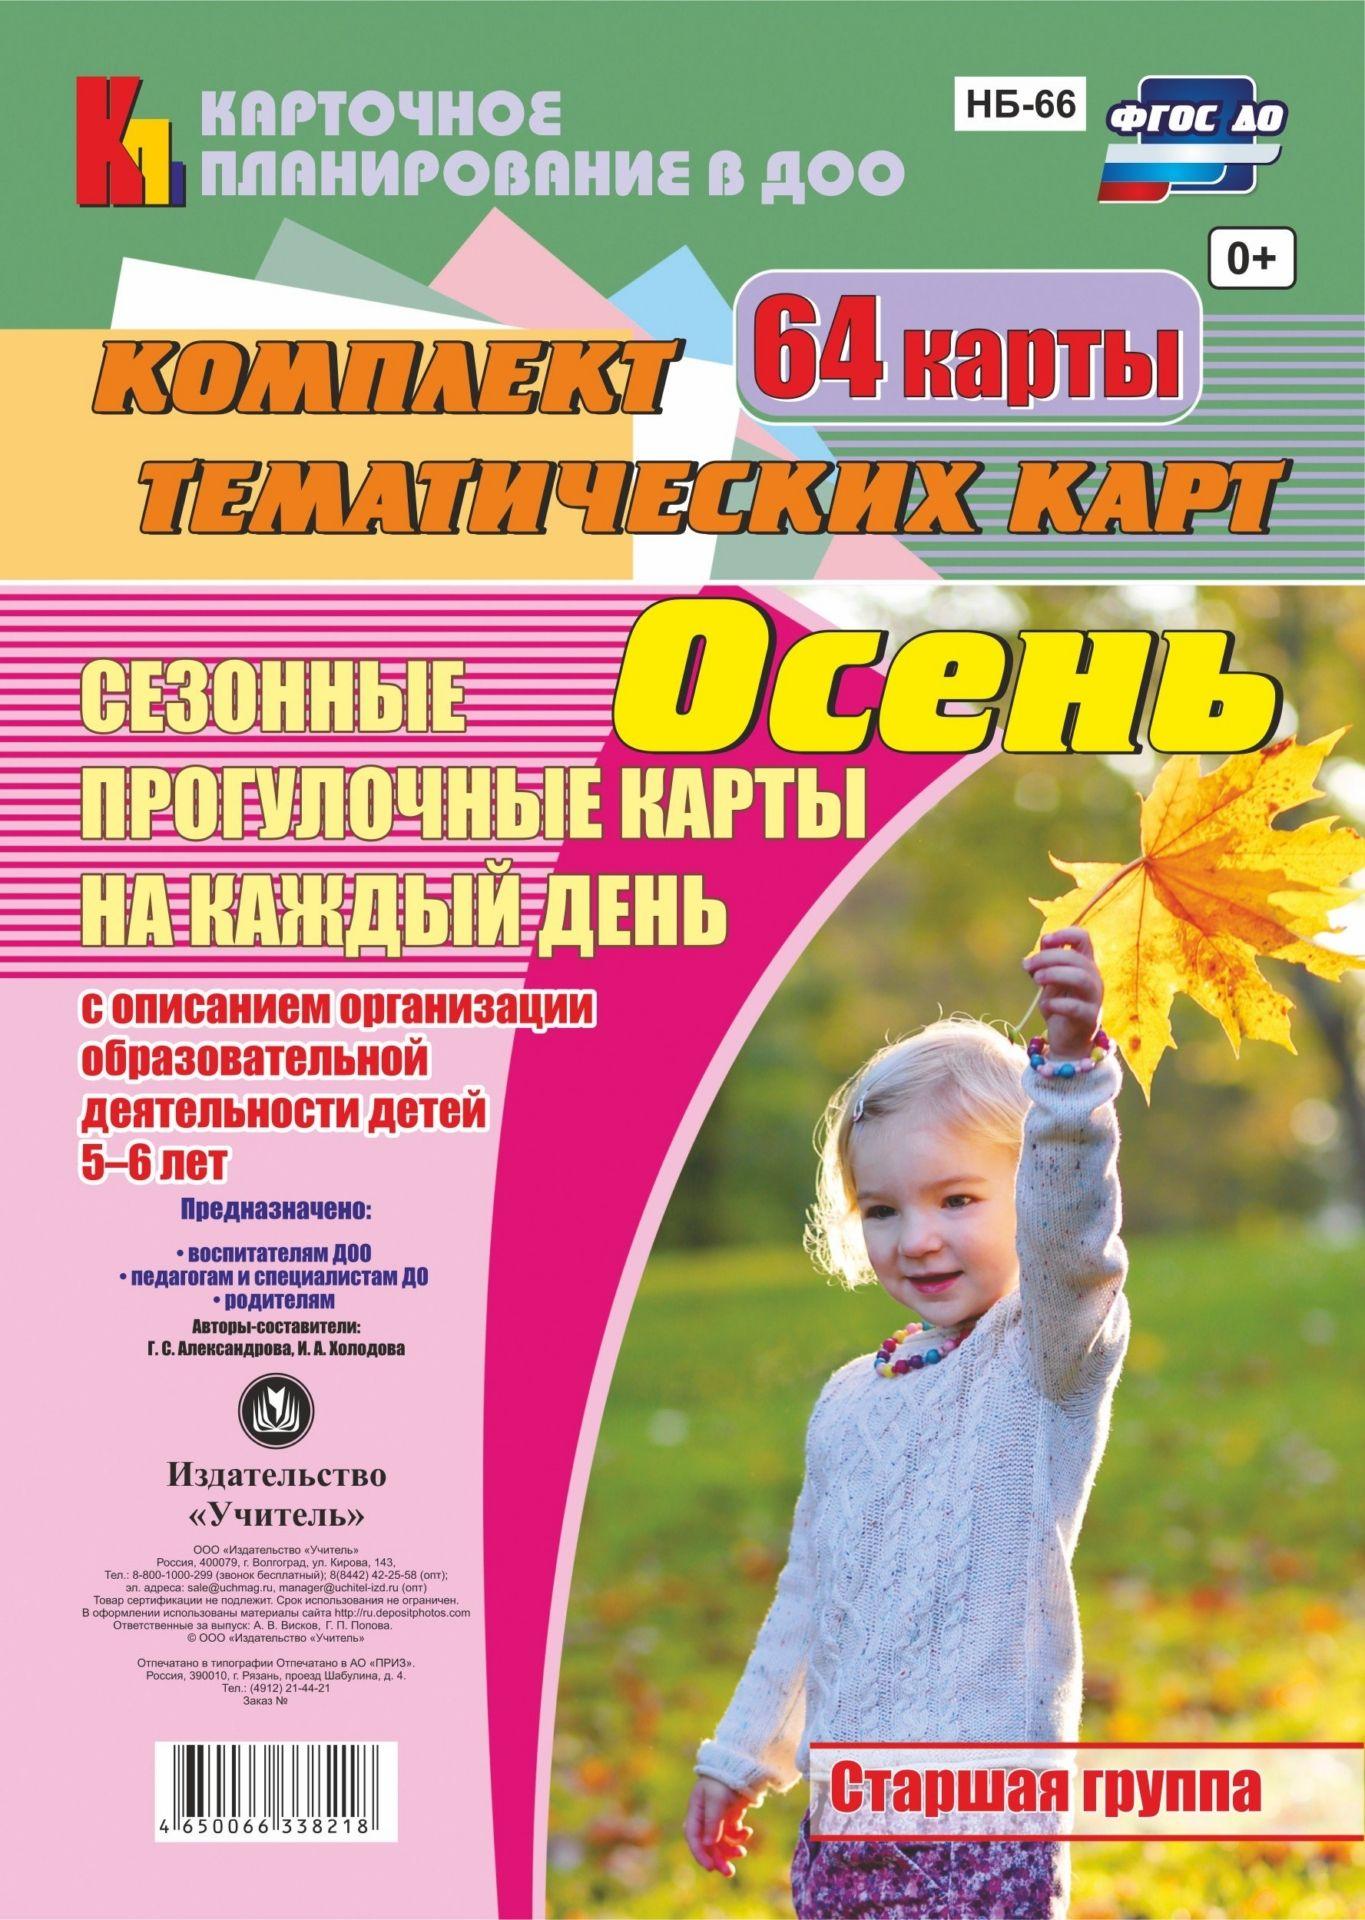 Купить со скидкой Сезонные прогулочные карты на каждый день с описанием организации образовательной деятельности детей